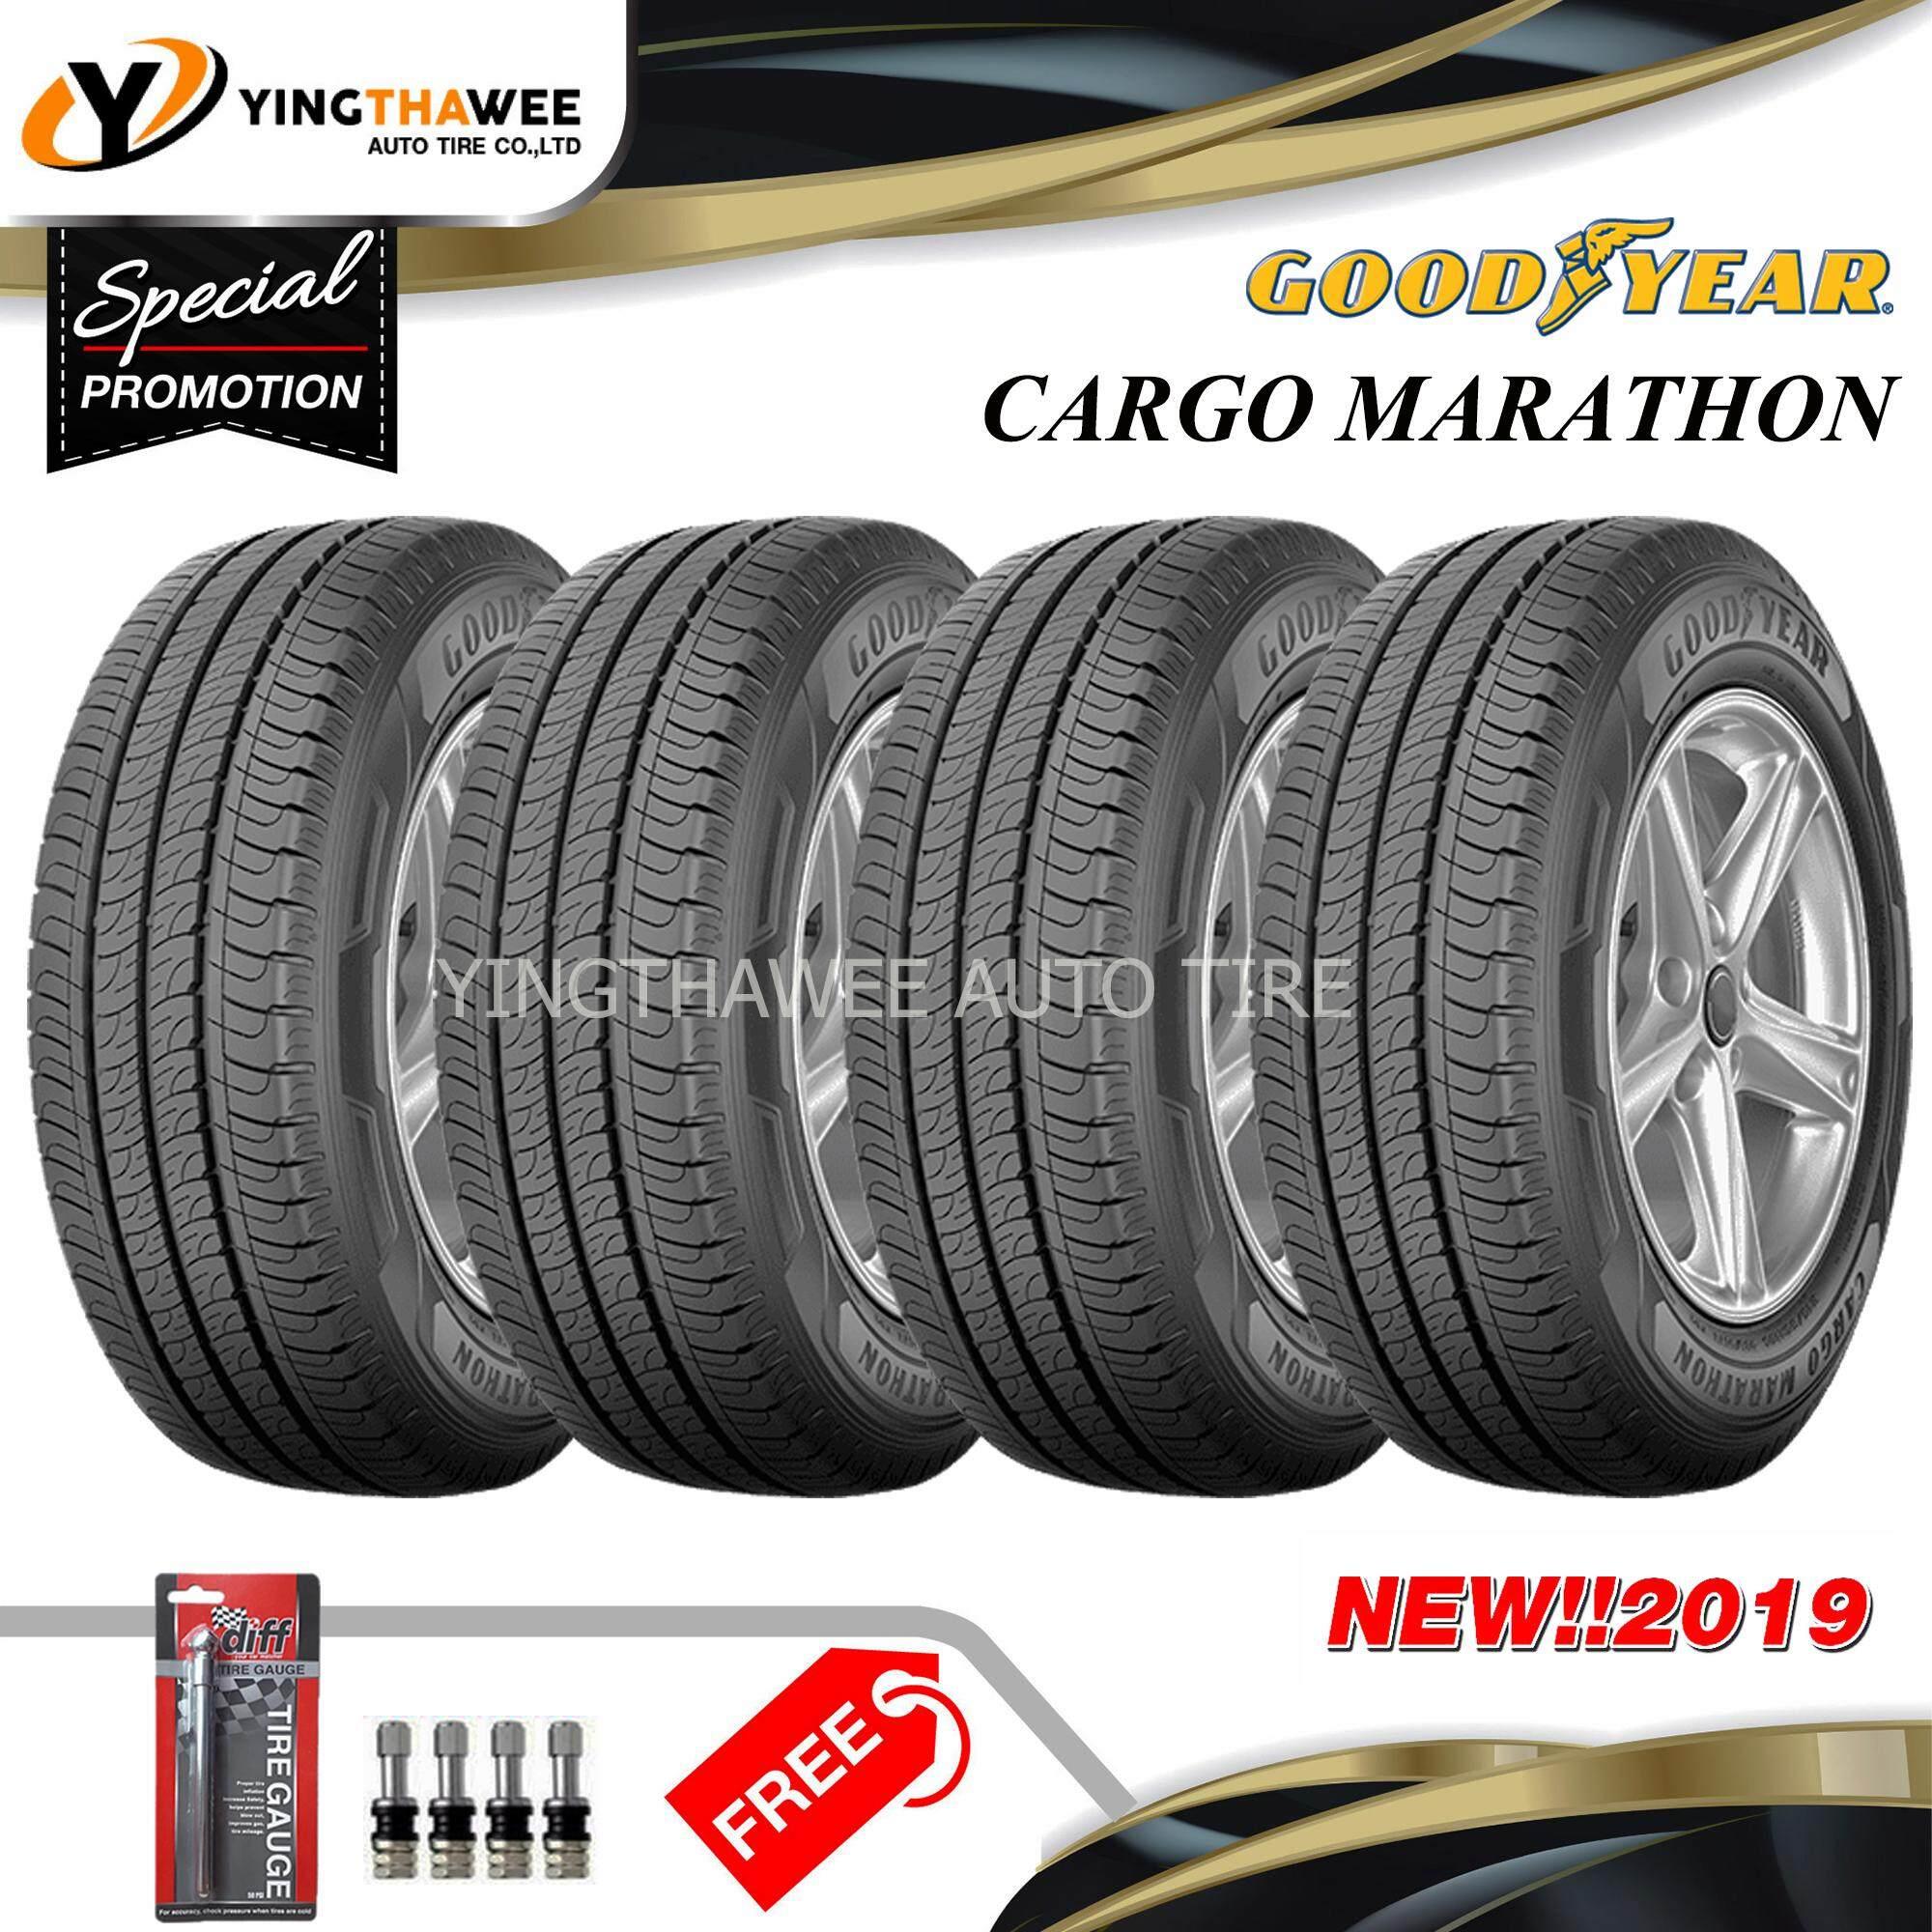 ประกันภัย รถยนต์ 2+ ชัยนาท GOODYEAR ยางรถยนต์ 215/70R16 รุ่น CARGO MARATHON  4 เส้น (ปี 2019) แถมจุ๊บเหล็กแท้ 4 ตัว + เกจวัดลมยาง 1 ตัว